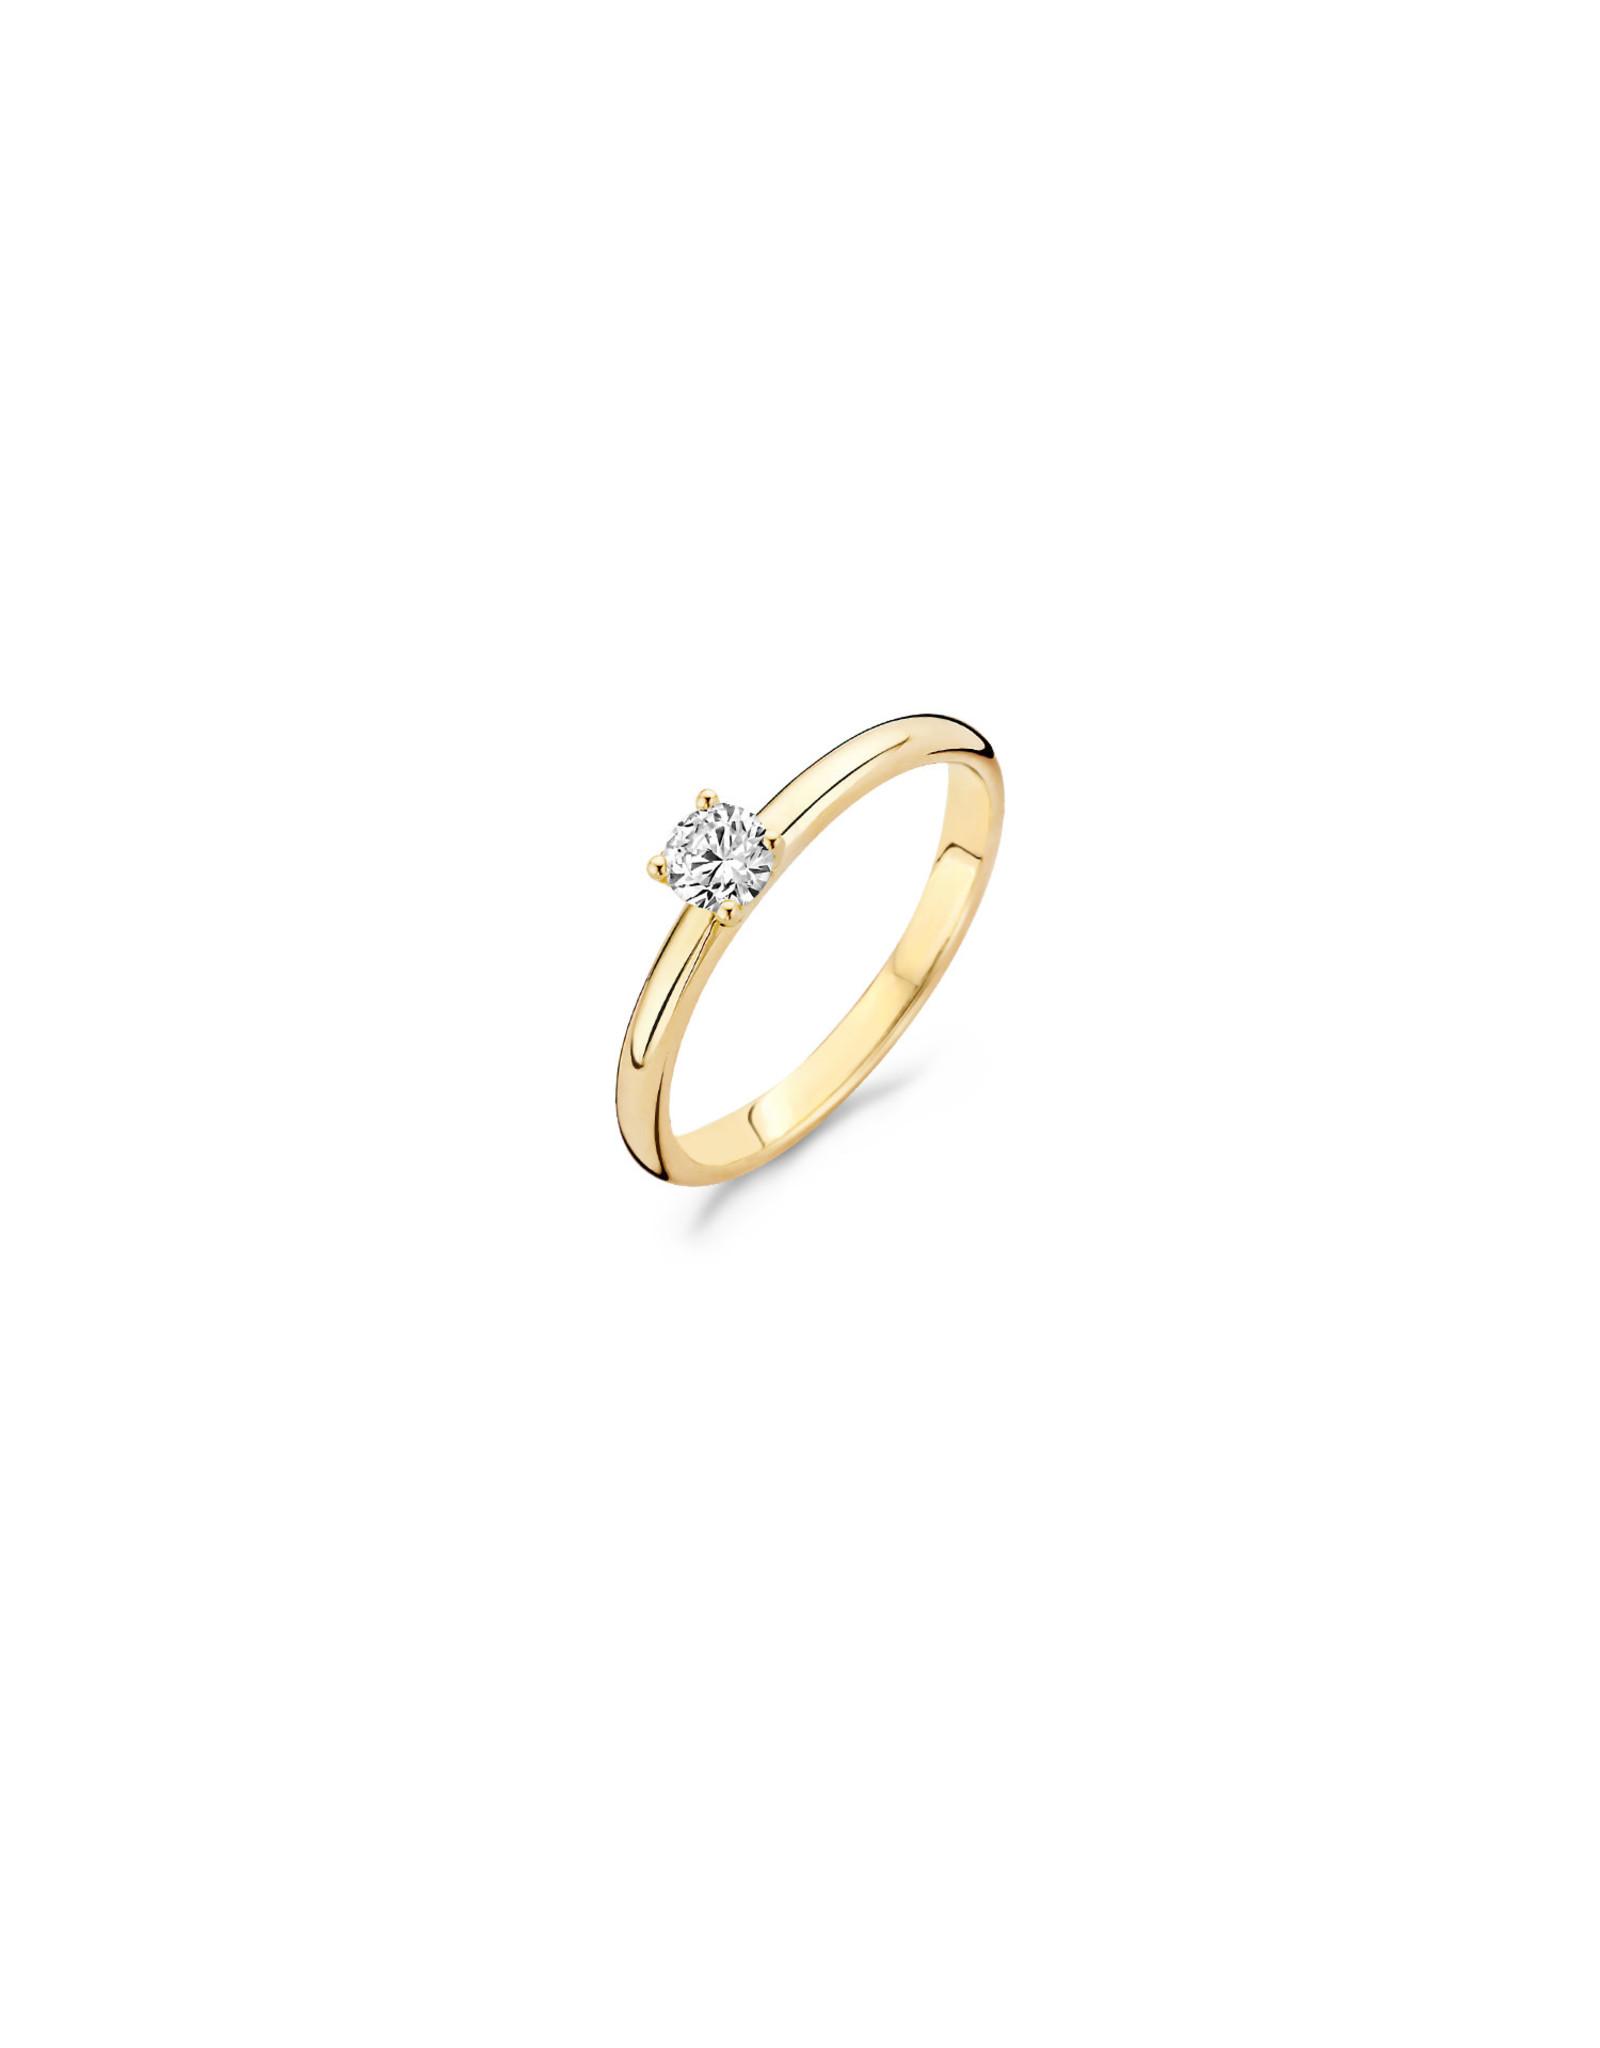 blush Ring Blush geel goud 14kt 1132YZI zircoon maat 52